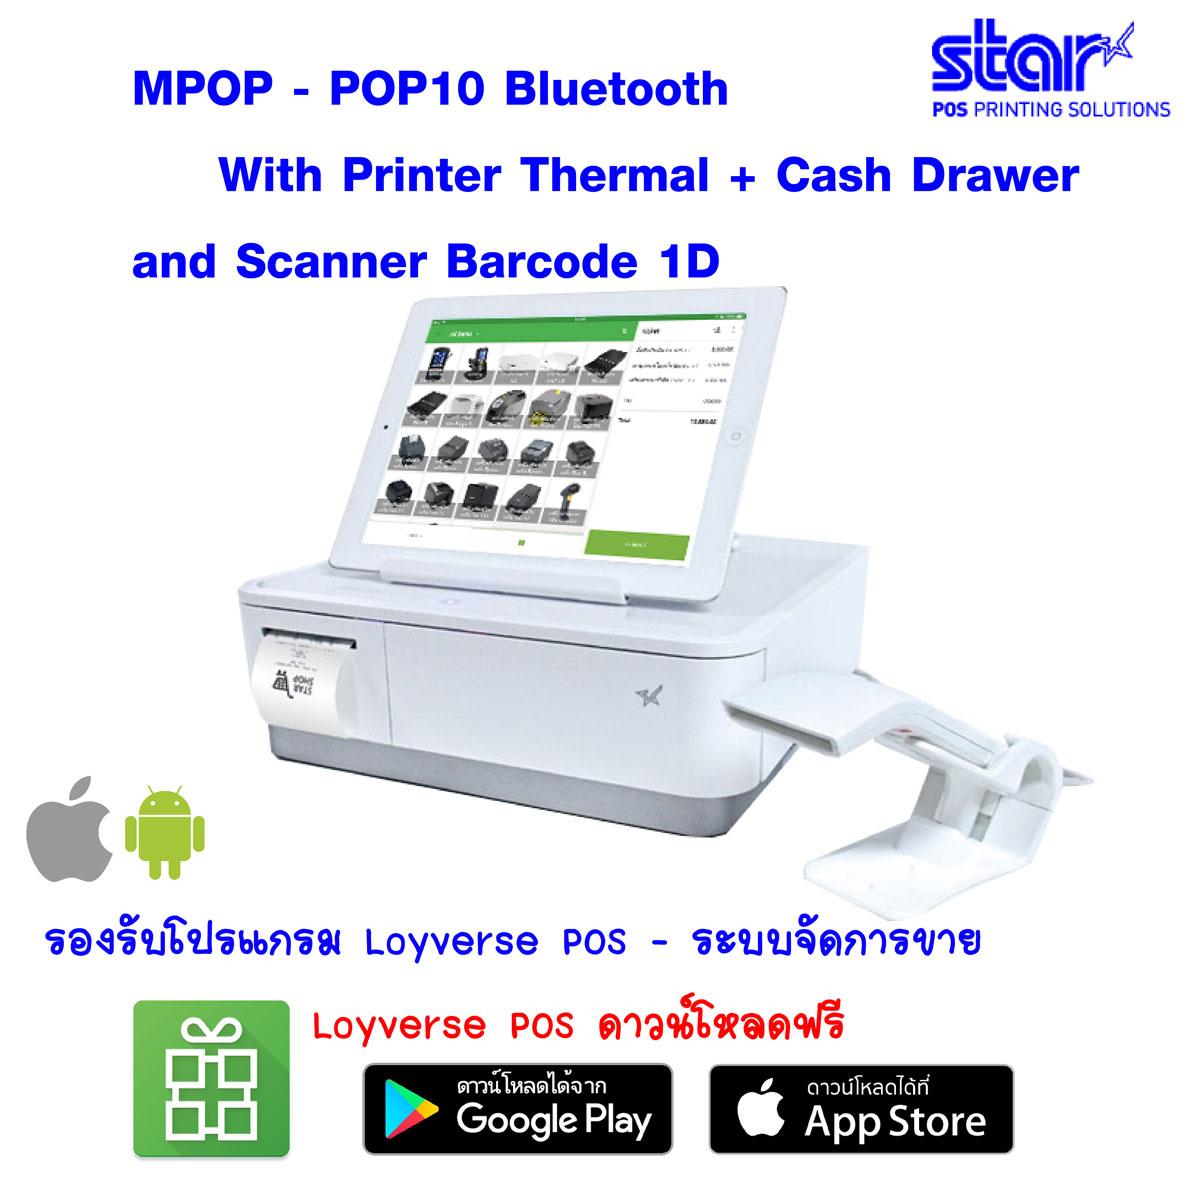 mPOP + Loyvers POS ปริ้นเตอร์มีระบบตัดกระดาษอัตโนมัติ -กระดาษความร้อน ขนาด 58 มม. -ความเร็ว: 100 มม./วินาที -ลิ้นชักเก็บเงิน : ธนบัตร 4 ช่อง และ 8 เหรียญ -สีตัวเครื่อง : ขาว & เงิน / ดำ & เงิน -อุปกรณ์เสริม เครื่องสแกนบาร์โค้ด